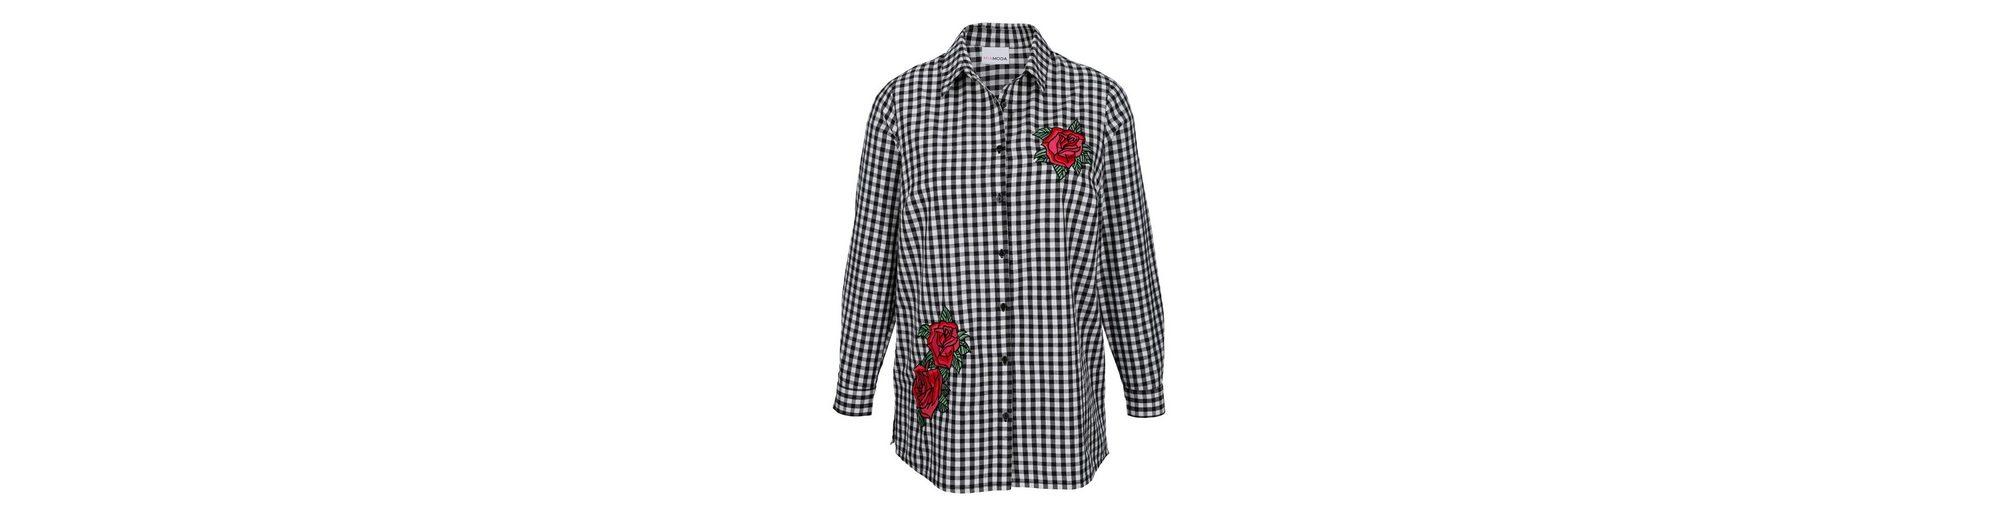 MIAMODA Bluse mit aufgestickten Rosenmotiven Kostenloser Versand LntWH5zyk